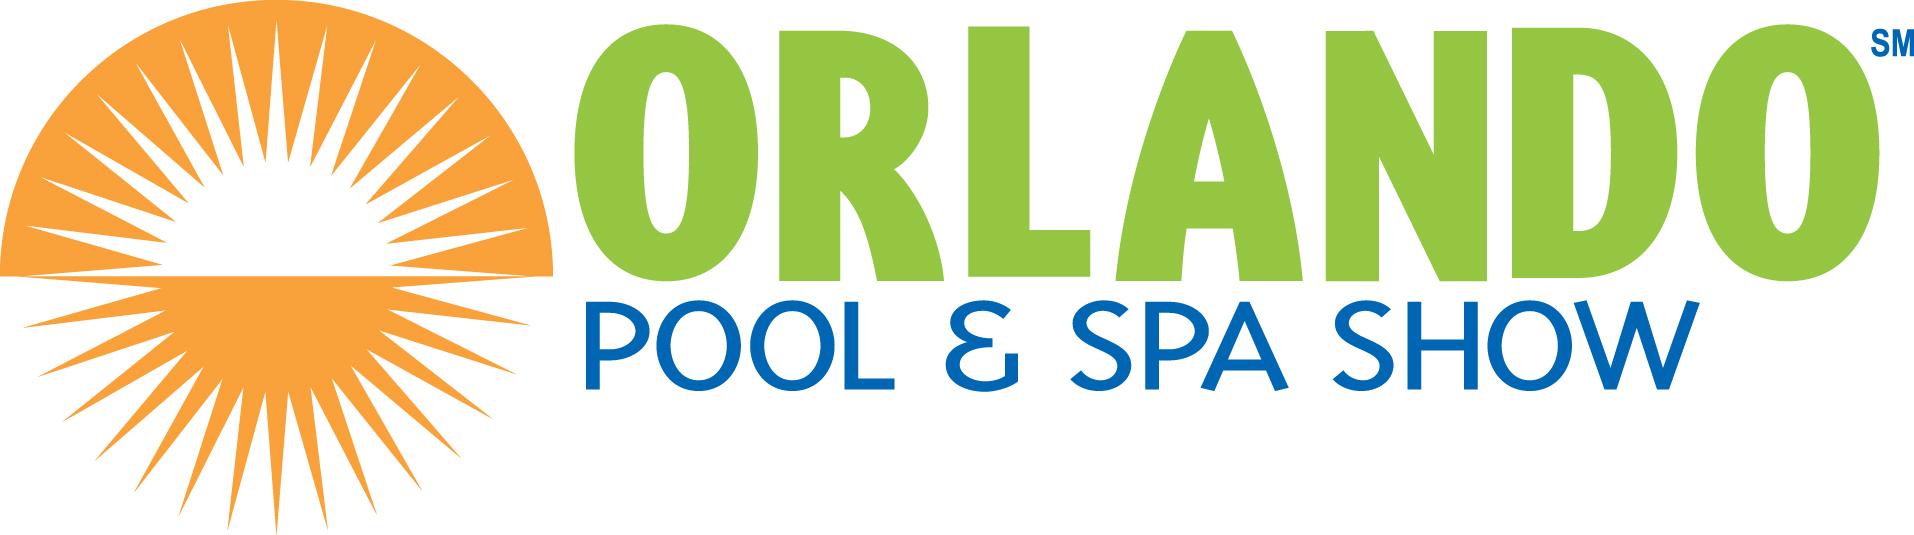 Orlando color logo web fspa for Pool show orlando florida